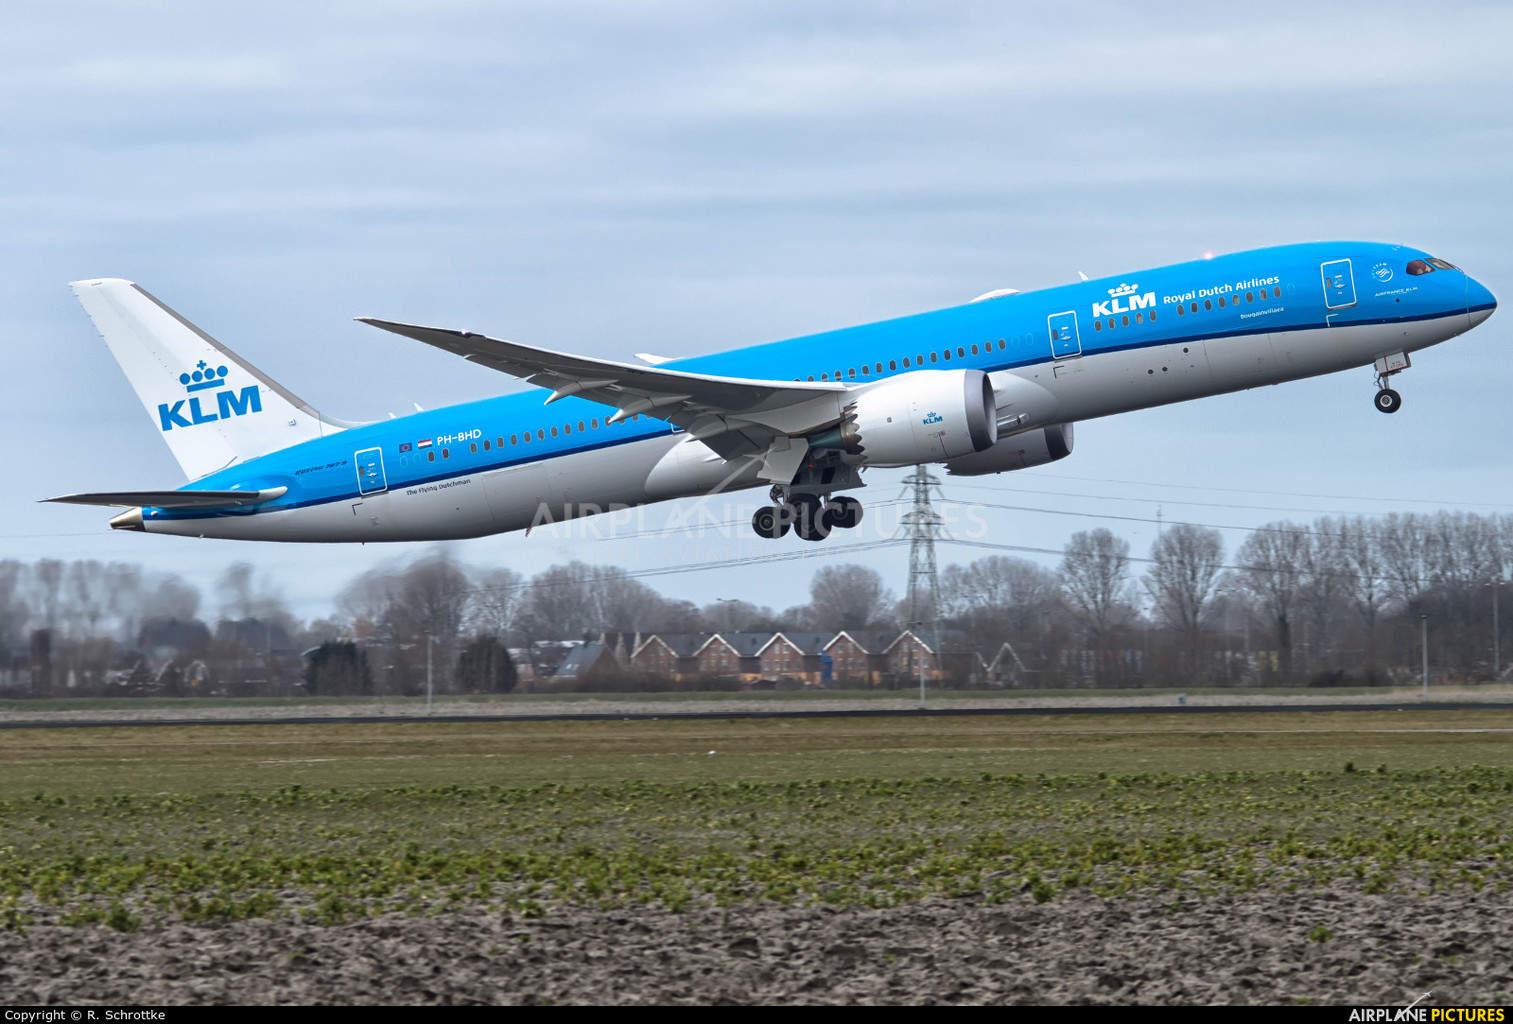 KLM Royal Dutch Airlines sends Dreamliner to San Francisco